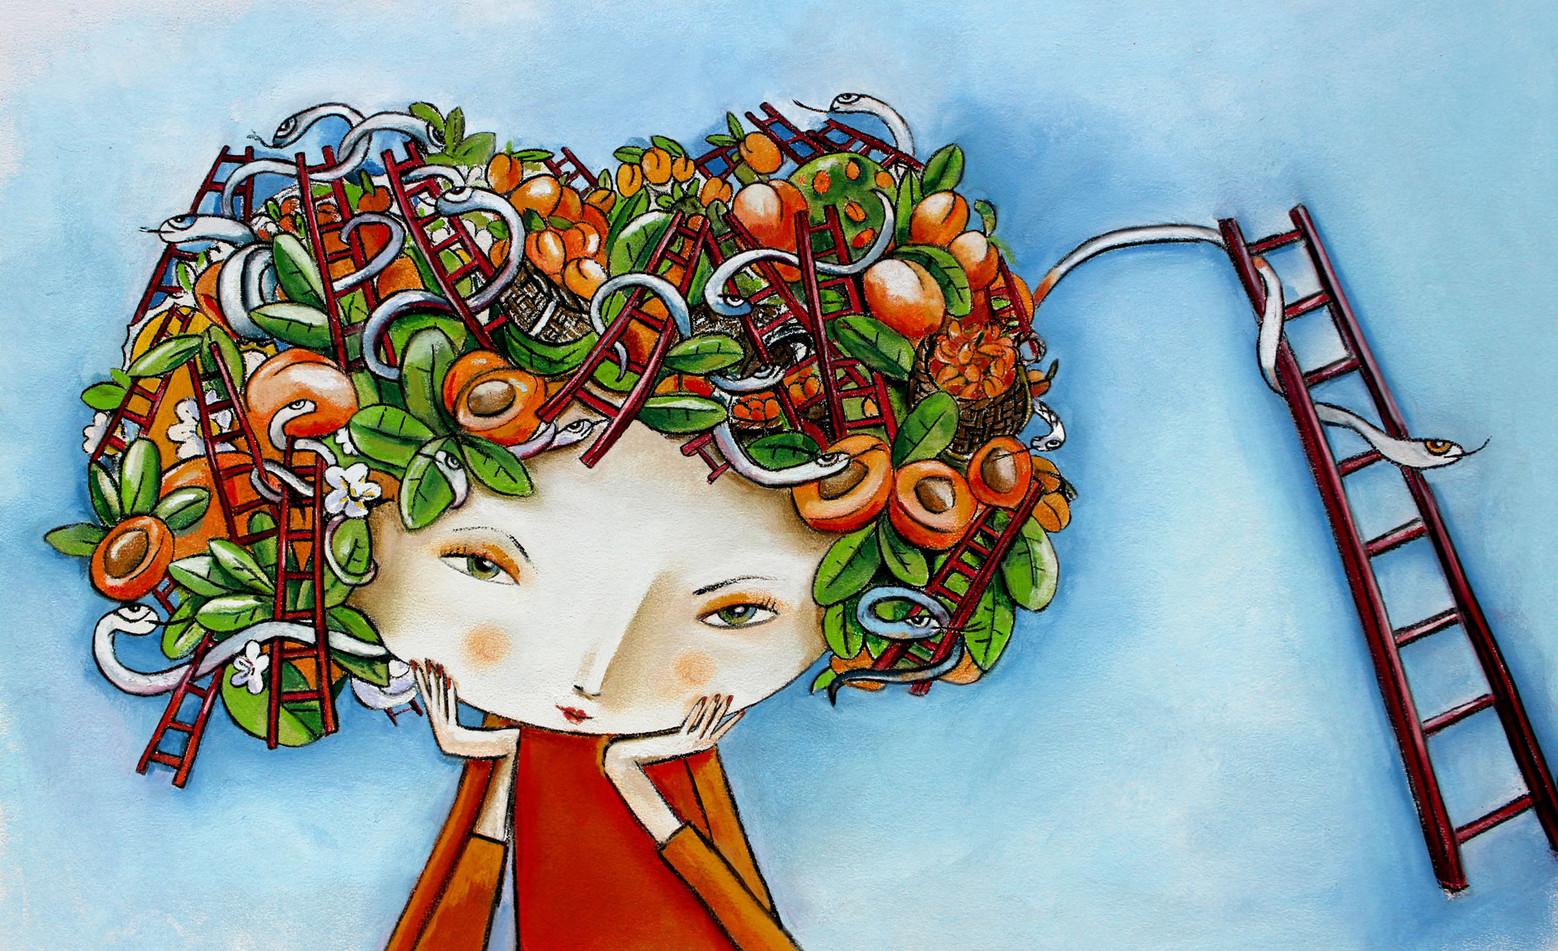 Snakes+Ladders_Apricot_Artwork.jpg